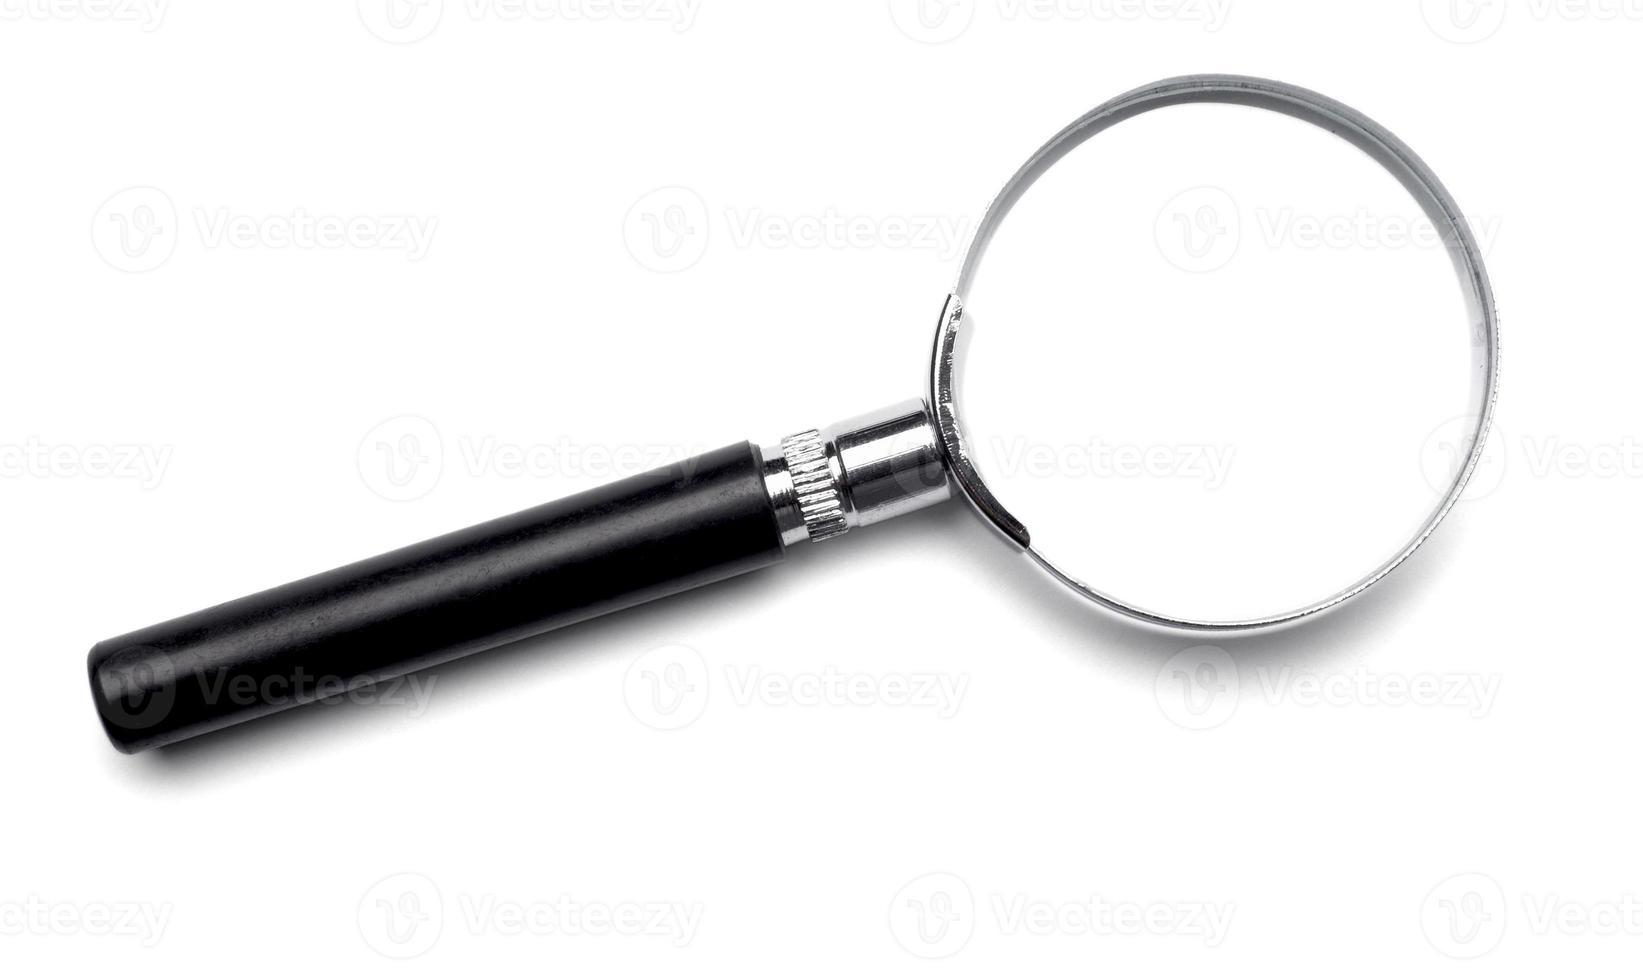 investigación con lupa búsqueda ampliar investigación foto